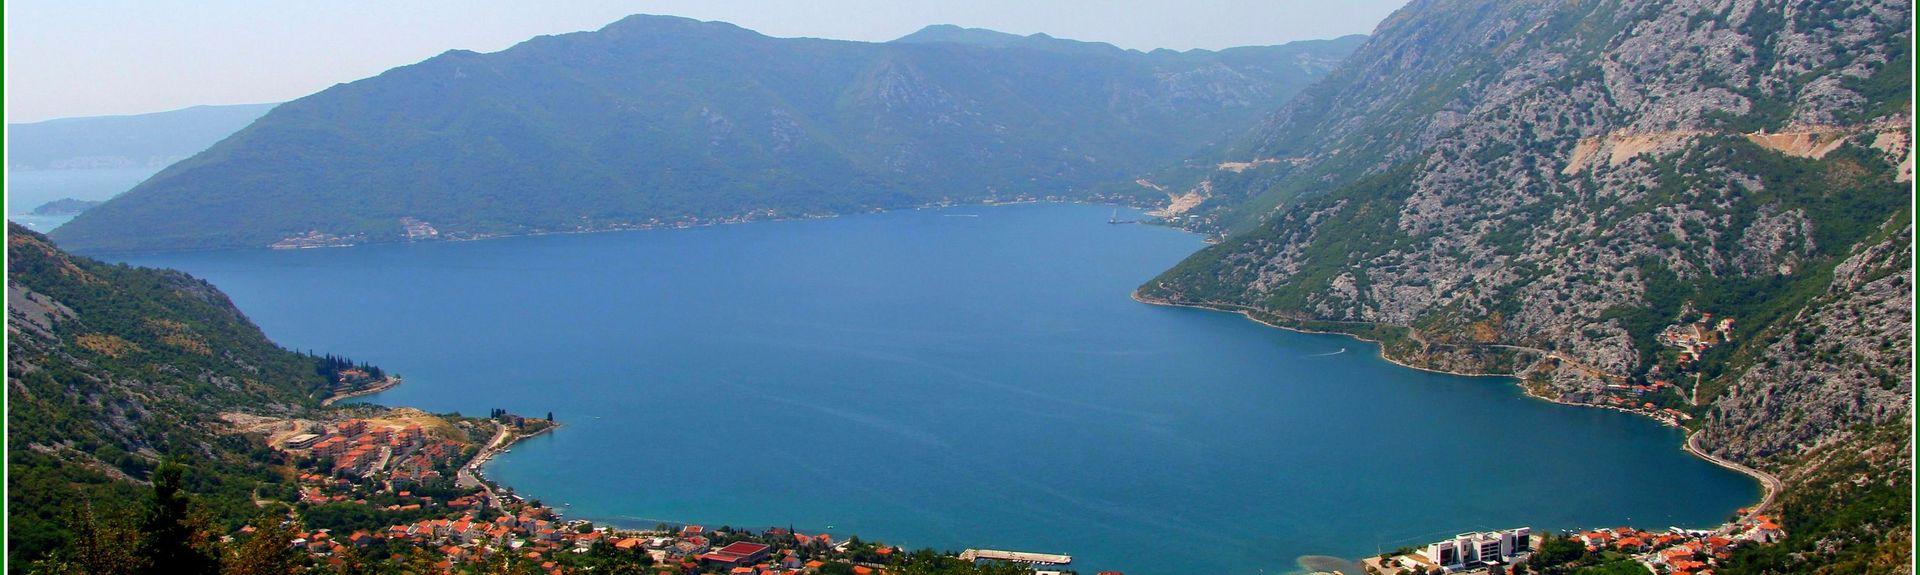 Muo, Kotor, Kotor Municipality, Montenegro